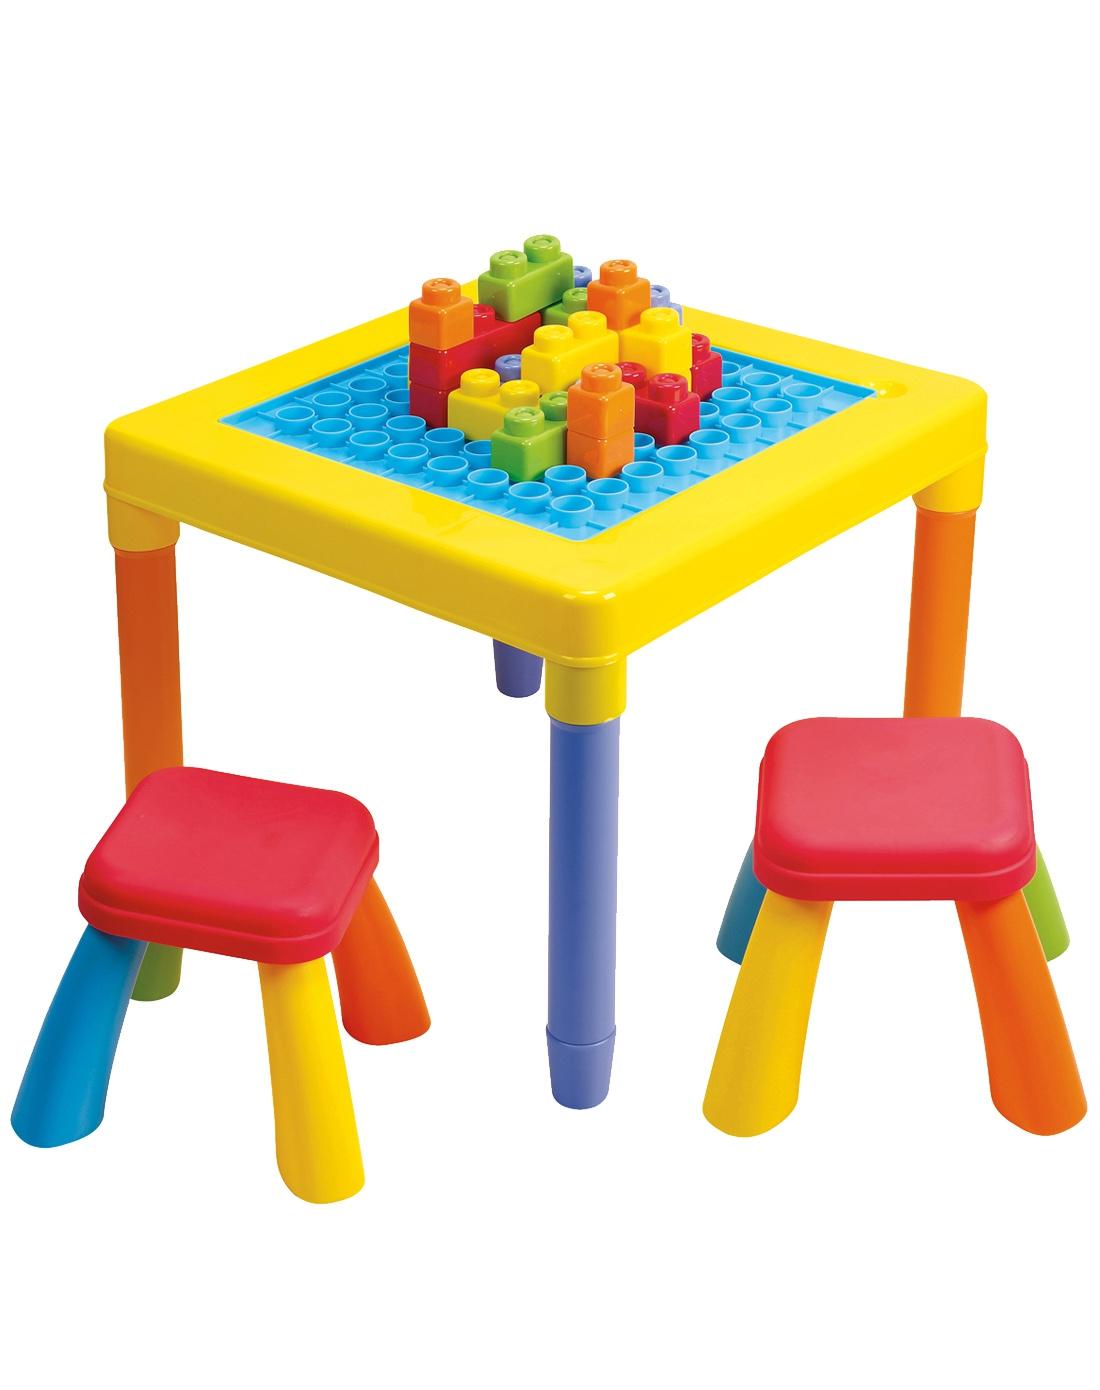 皇室&贝乐高&mz玩具贝乐高多功能积木桌宝宝双面游戏